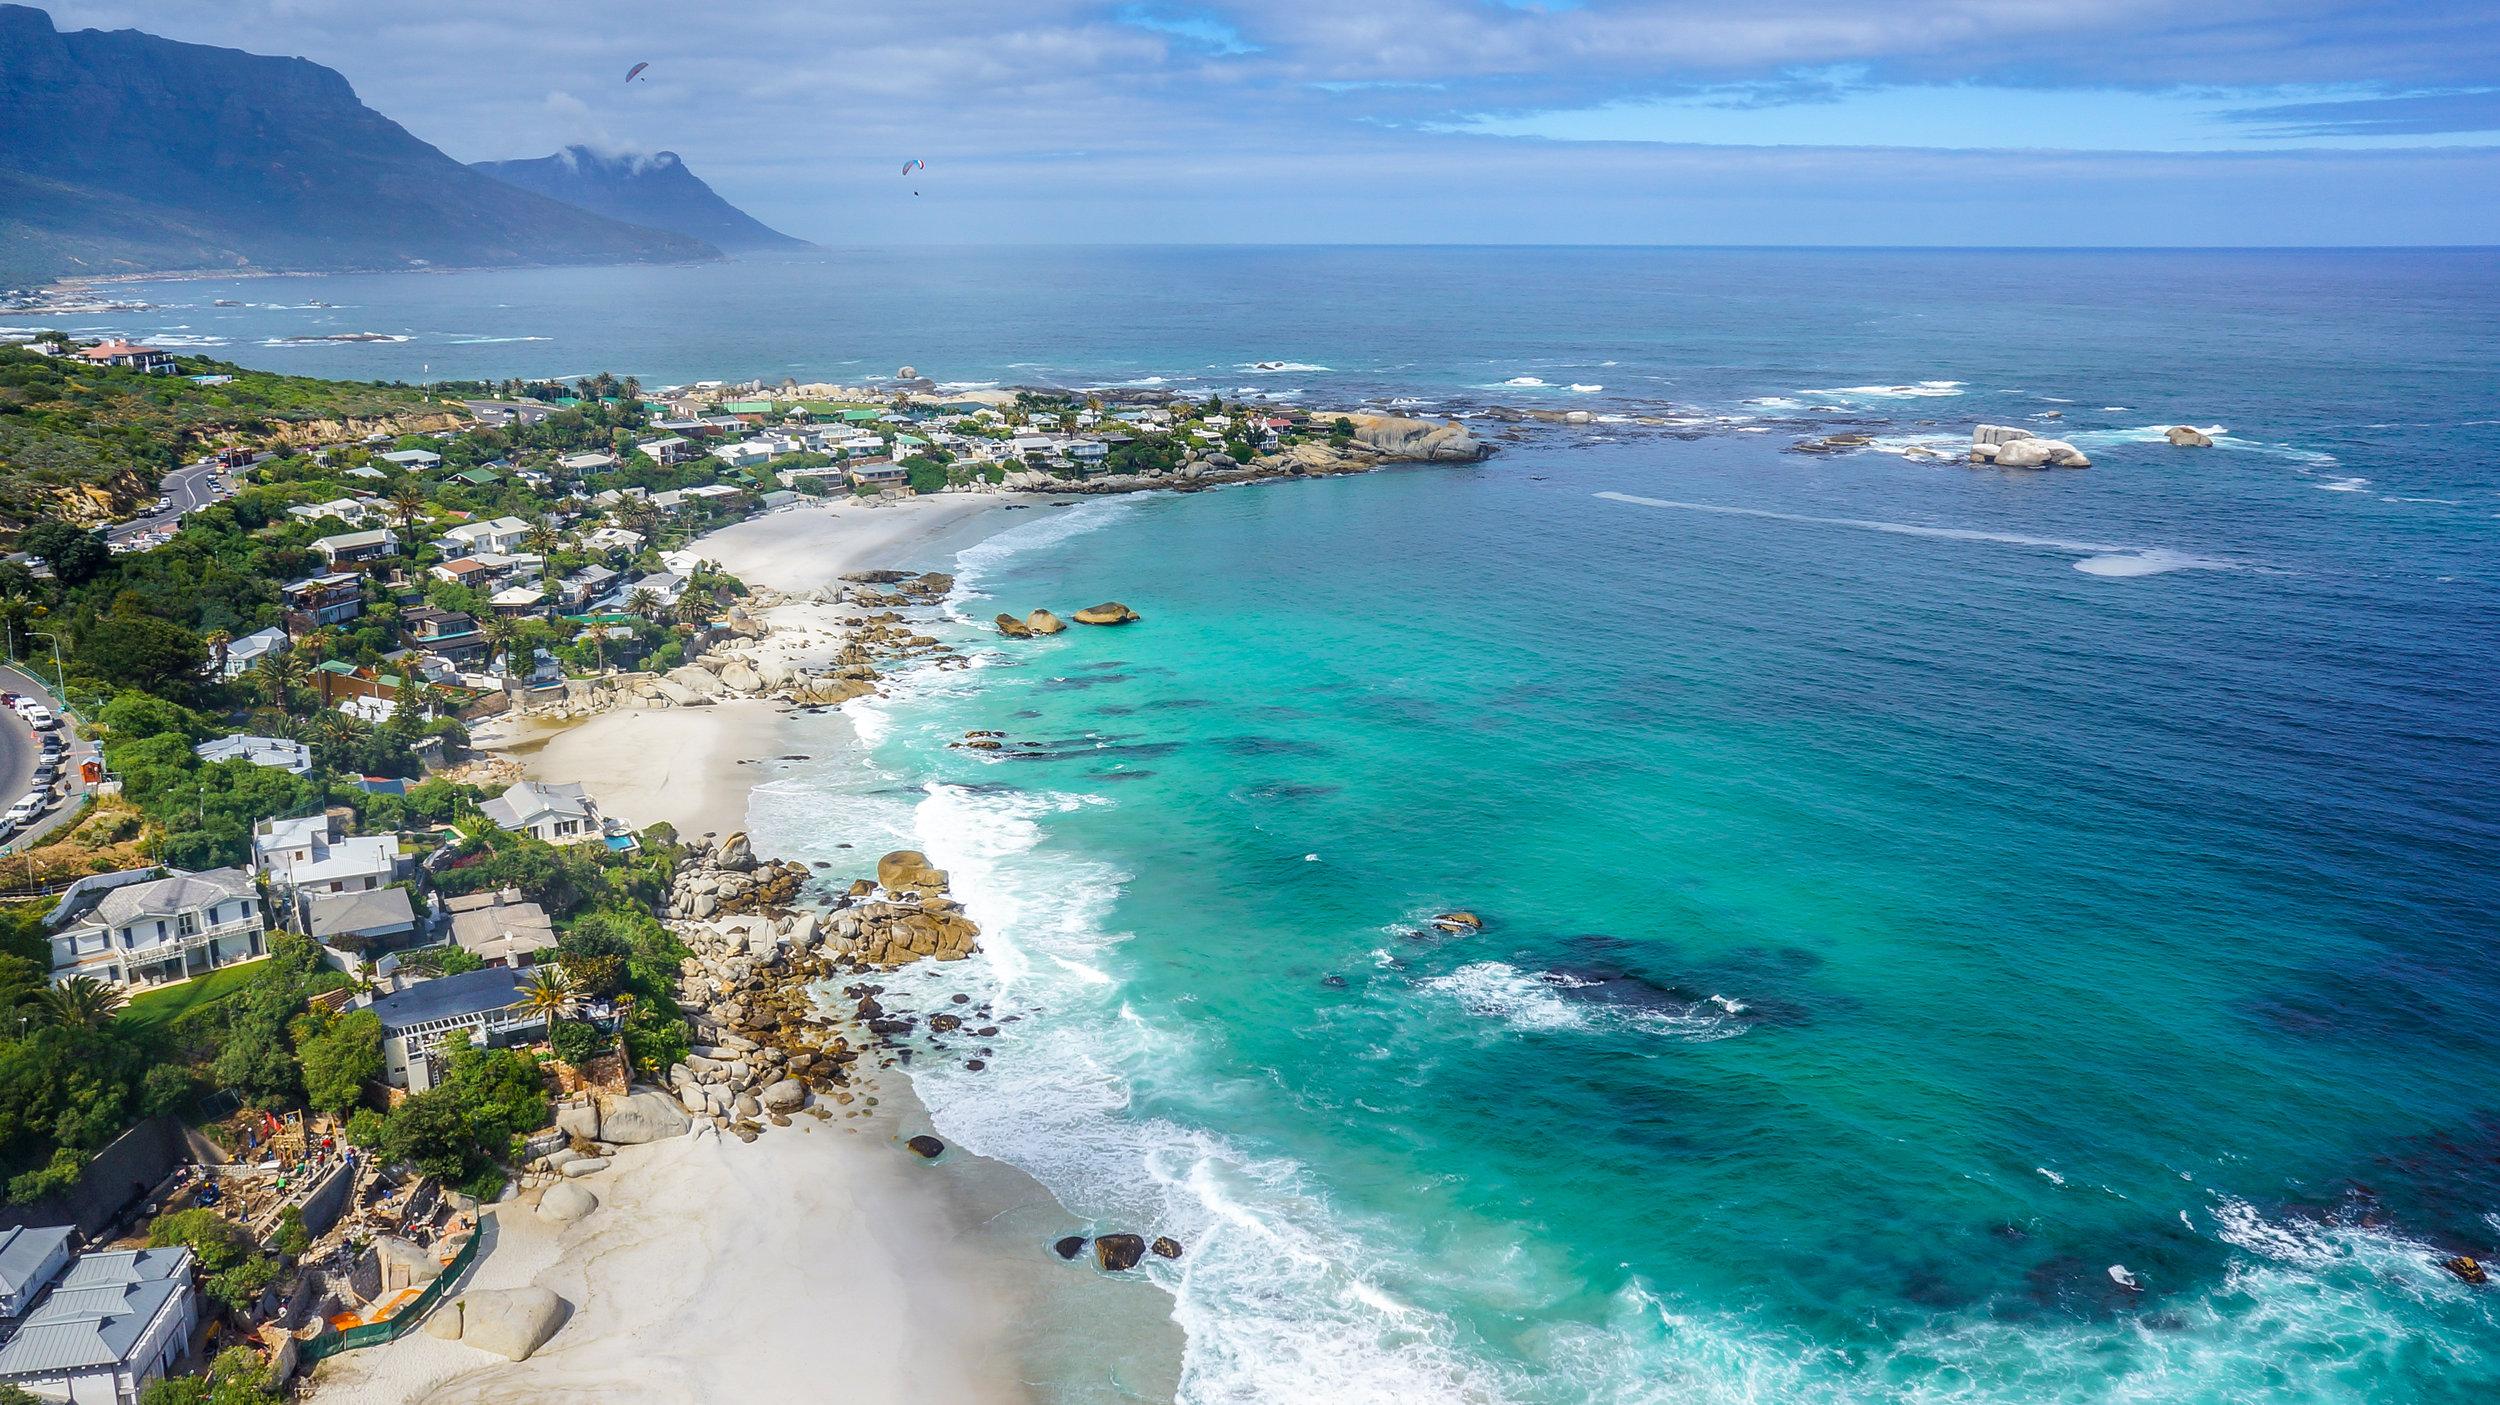 Clifton beach - Rangos magazinok rendre a világ legszebb strandjai közé választják a Cliftont, ahol a legnagyobb és legszebb házak és éttermek vannak, egy túrát mindenképpen megér.